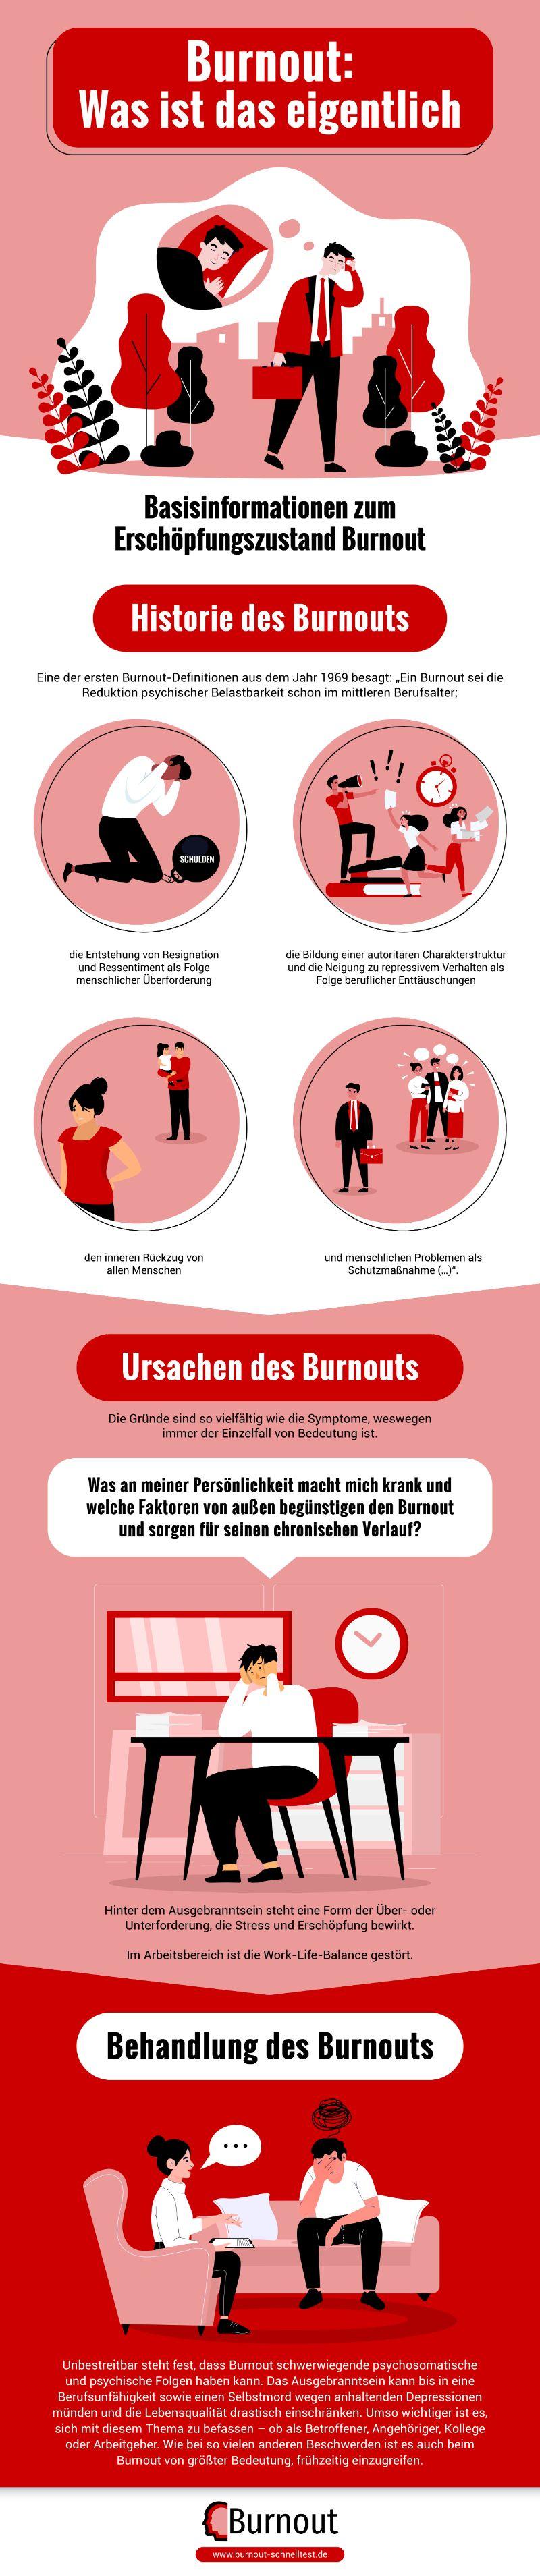 Infografik Burnout: Was Ist Das Eigentlich